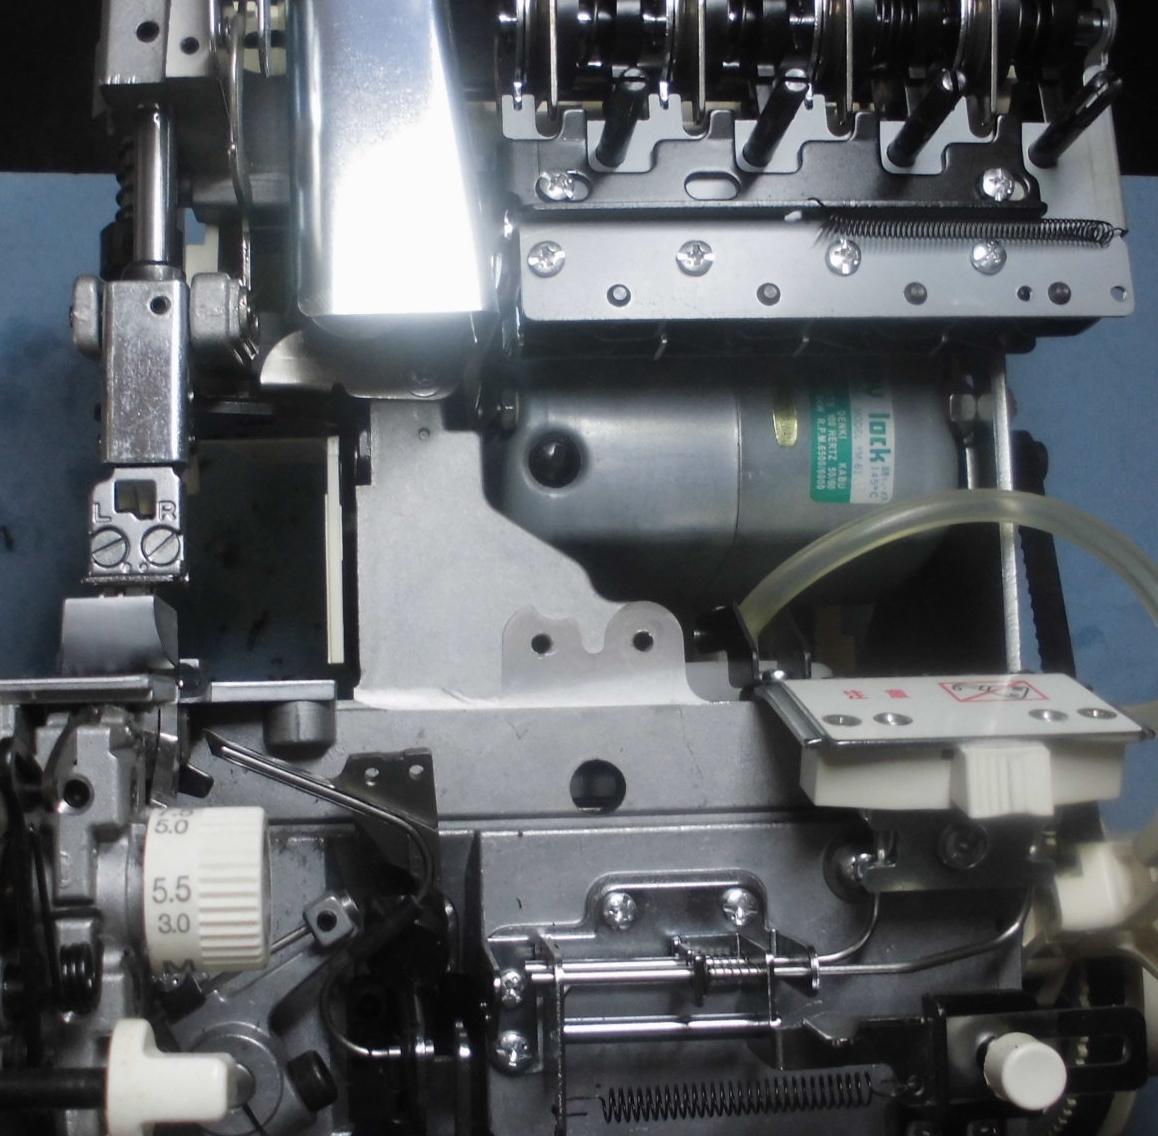 BL5900の分解オーバーホールメンテナンス修理 ベビーロックミシン(衣縫人シリーズ)